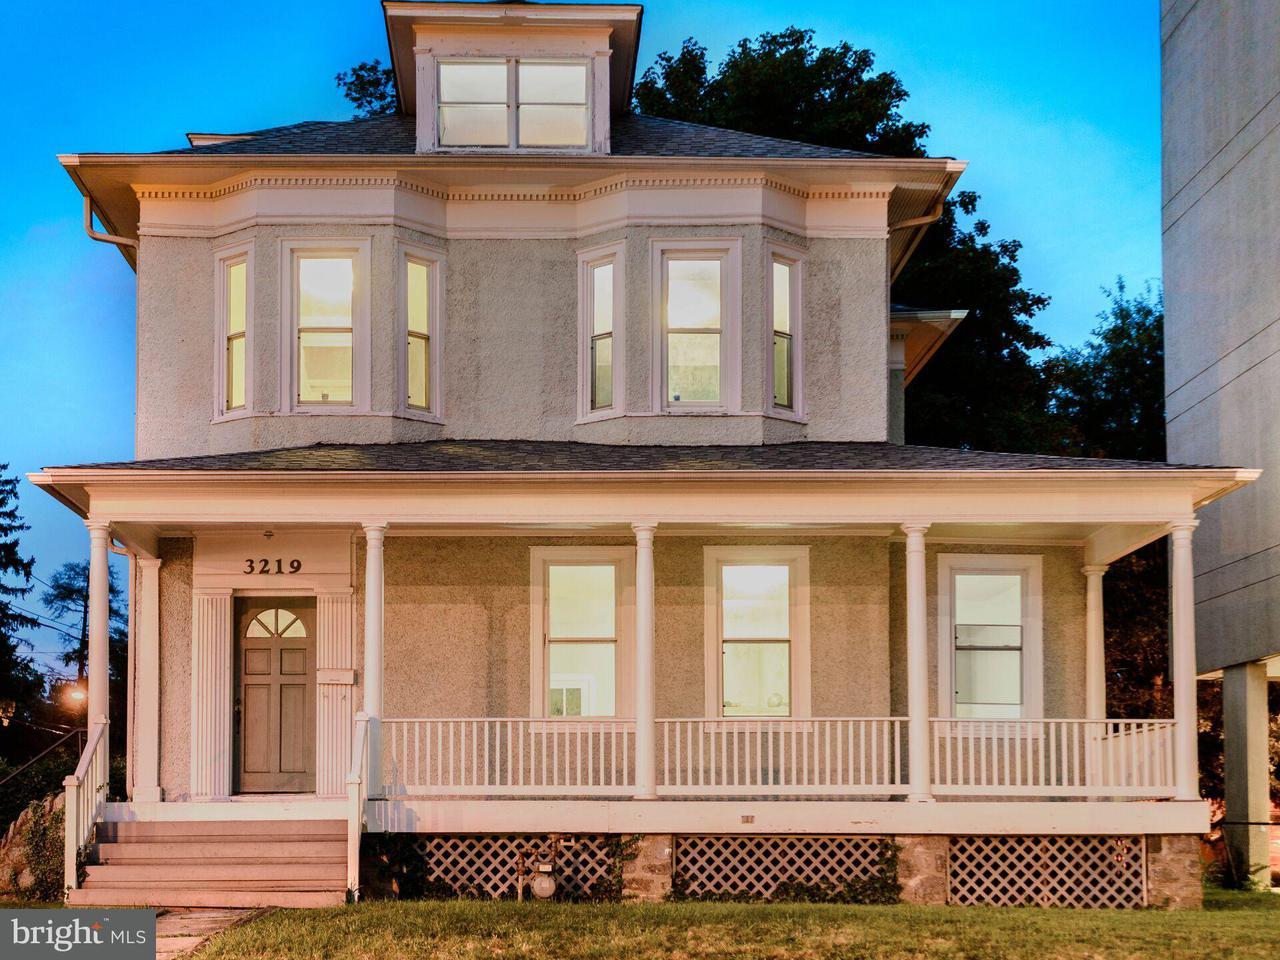 Einfamilienhaus für Verkauf beim 3219 Wisconsin Ave Nw 3219 Wisconsin Ave Nw Washington, District Of Columbia 20016 Vereinigte Staaten